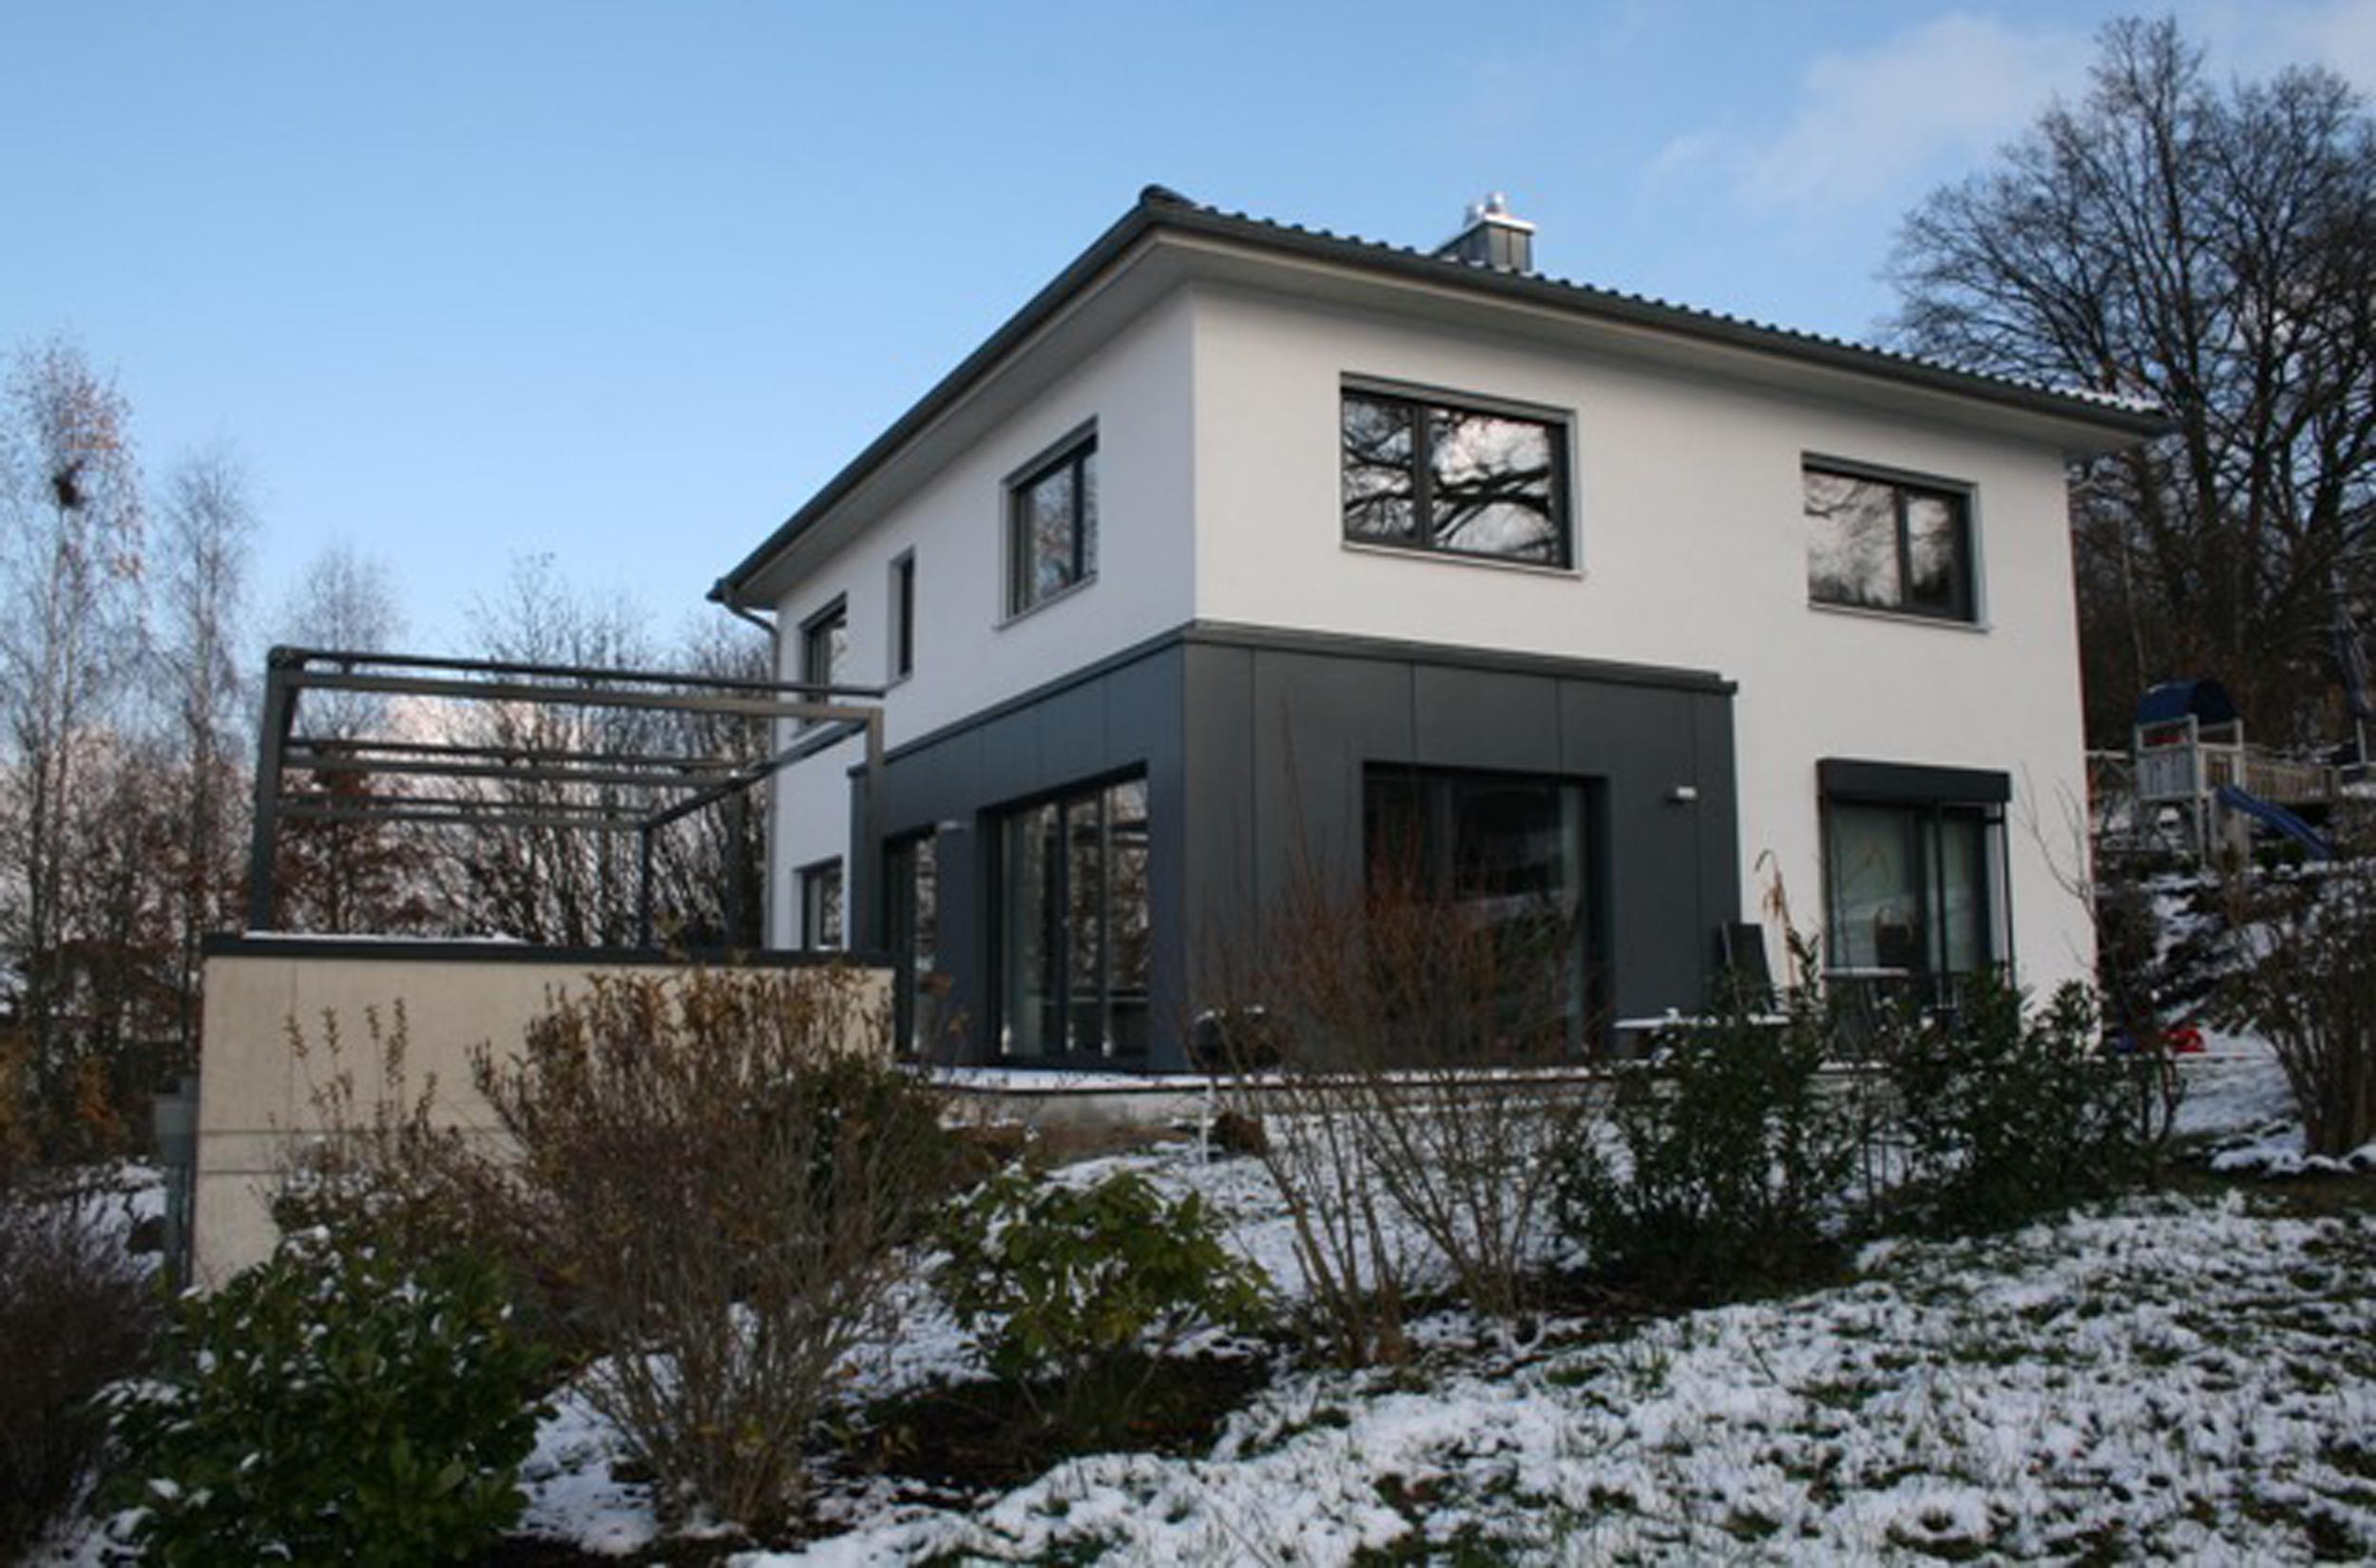 Klassisch elegantes einfamilienhaus landau i kozeny for Einfamilienhaus klassisch